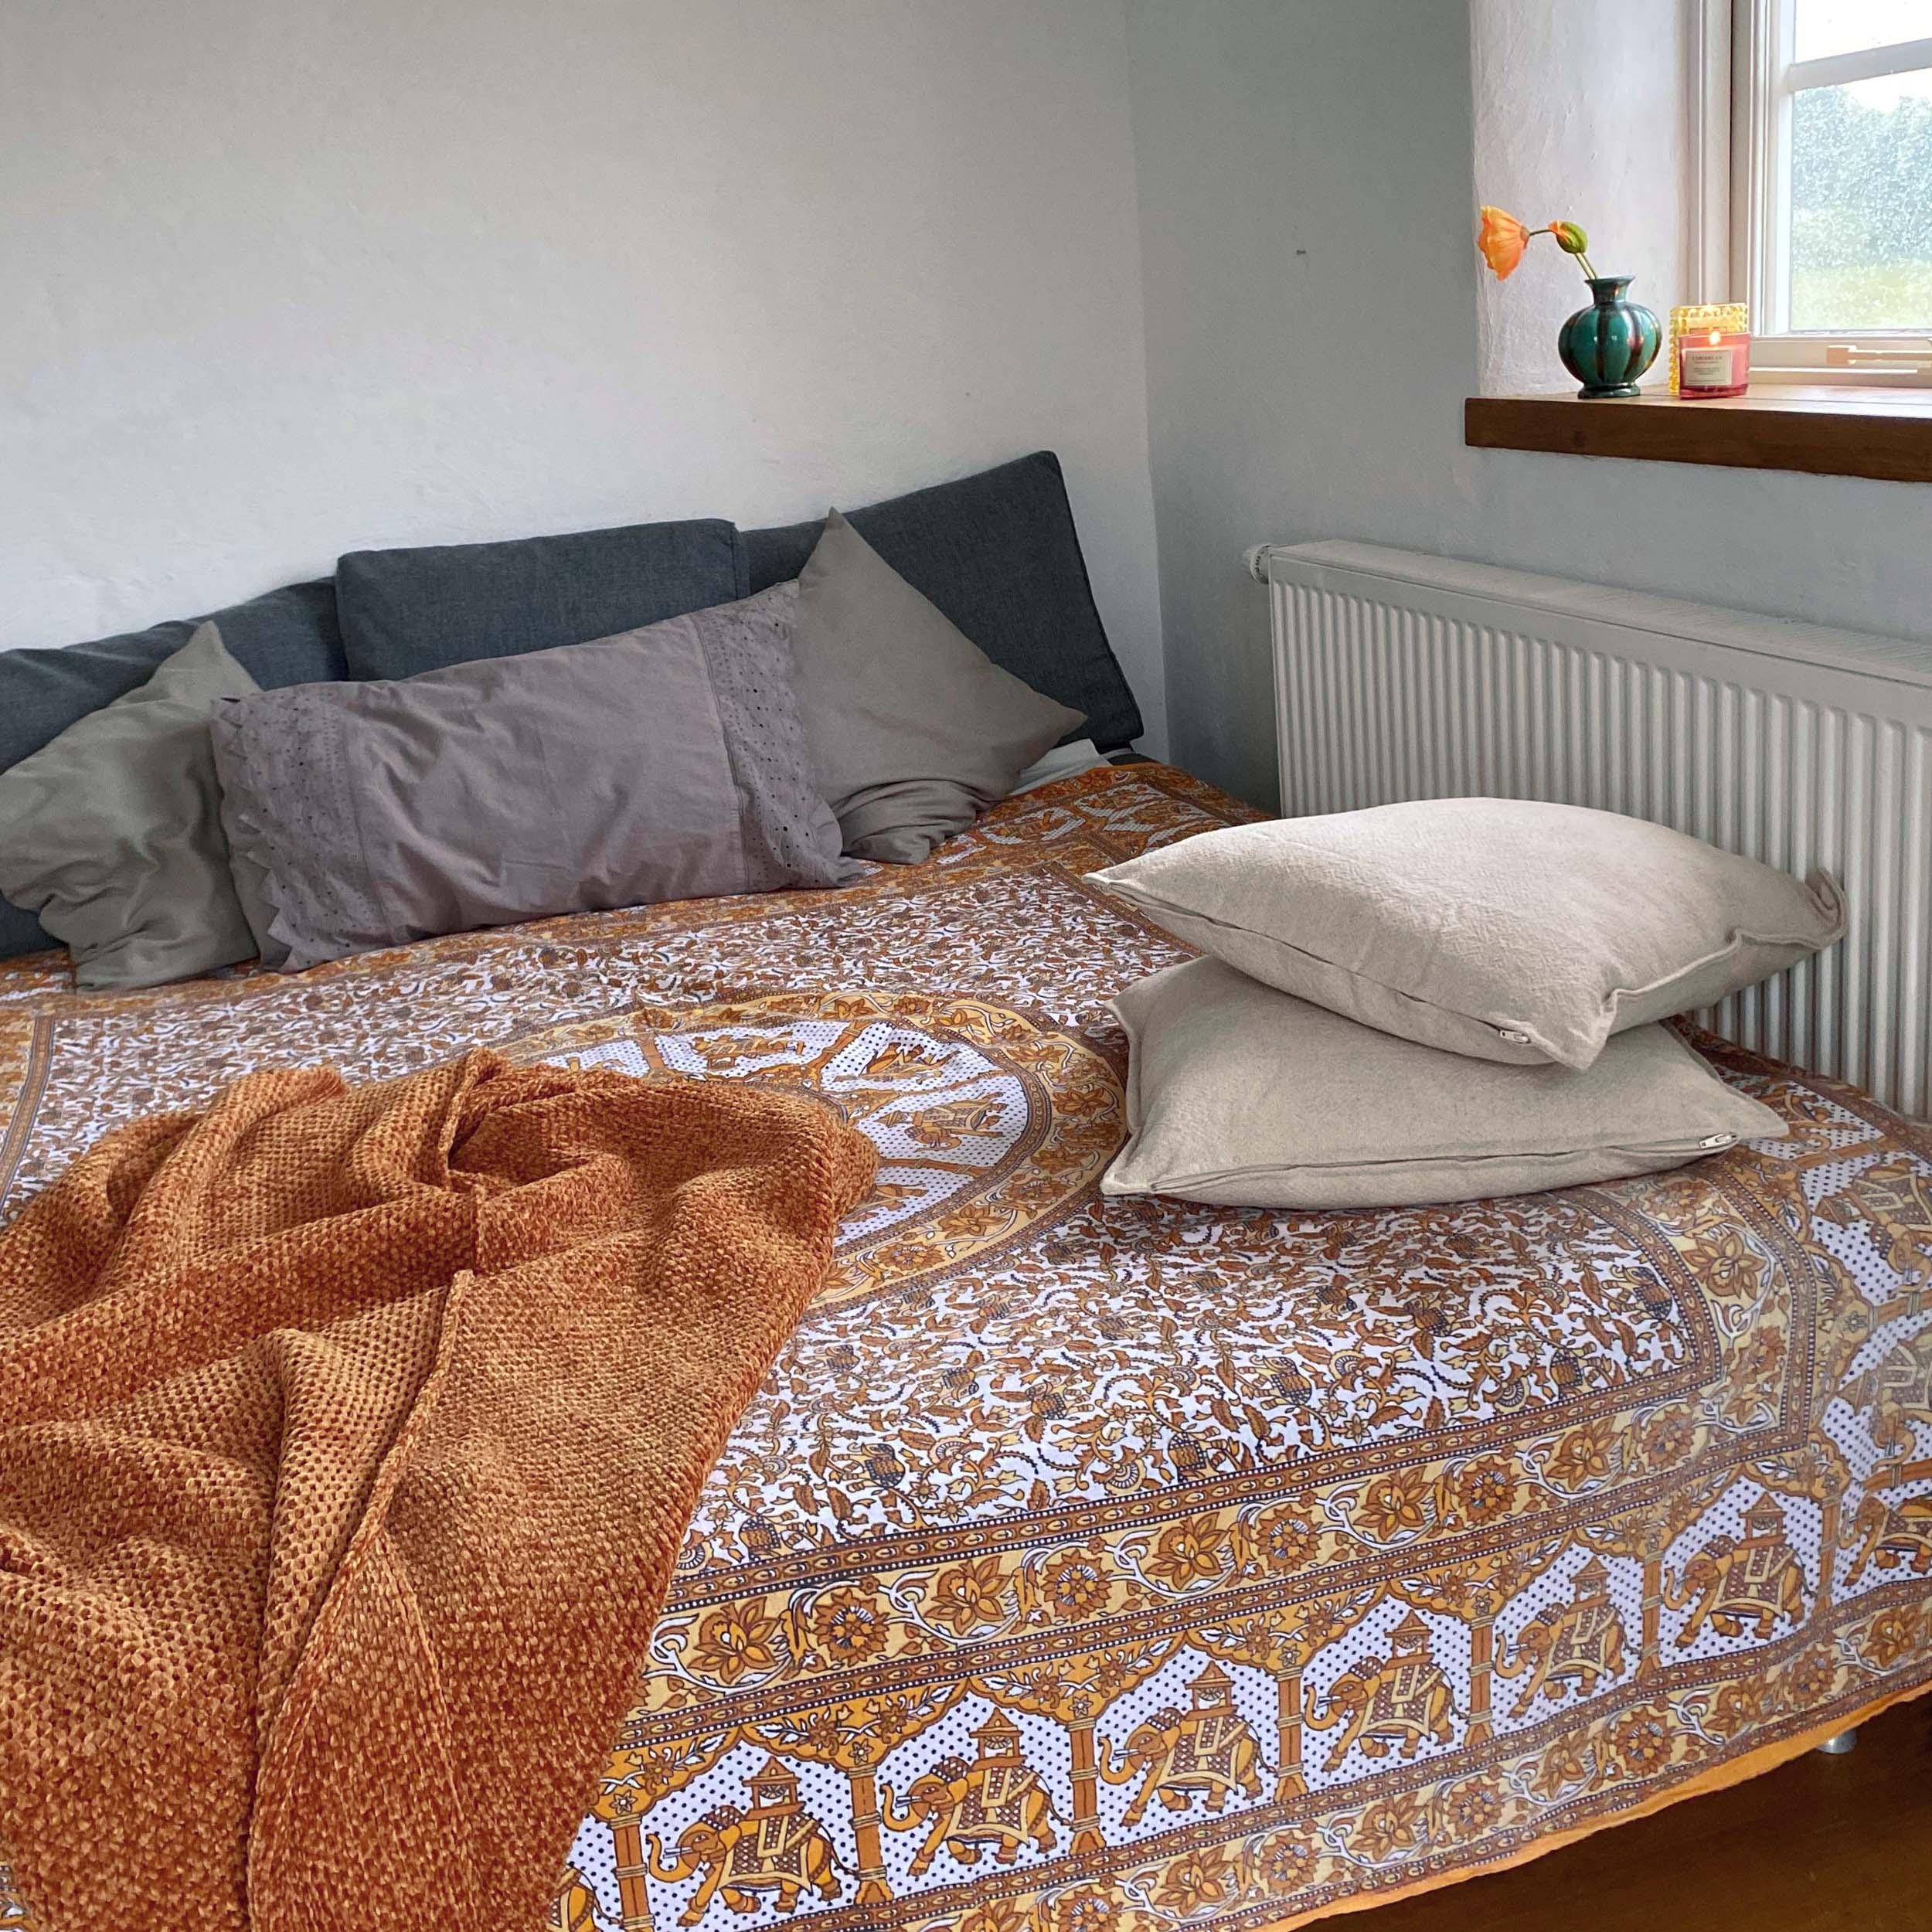 Bed and breakfast Österlen